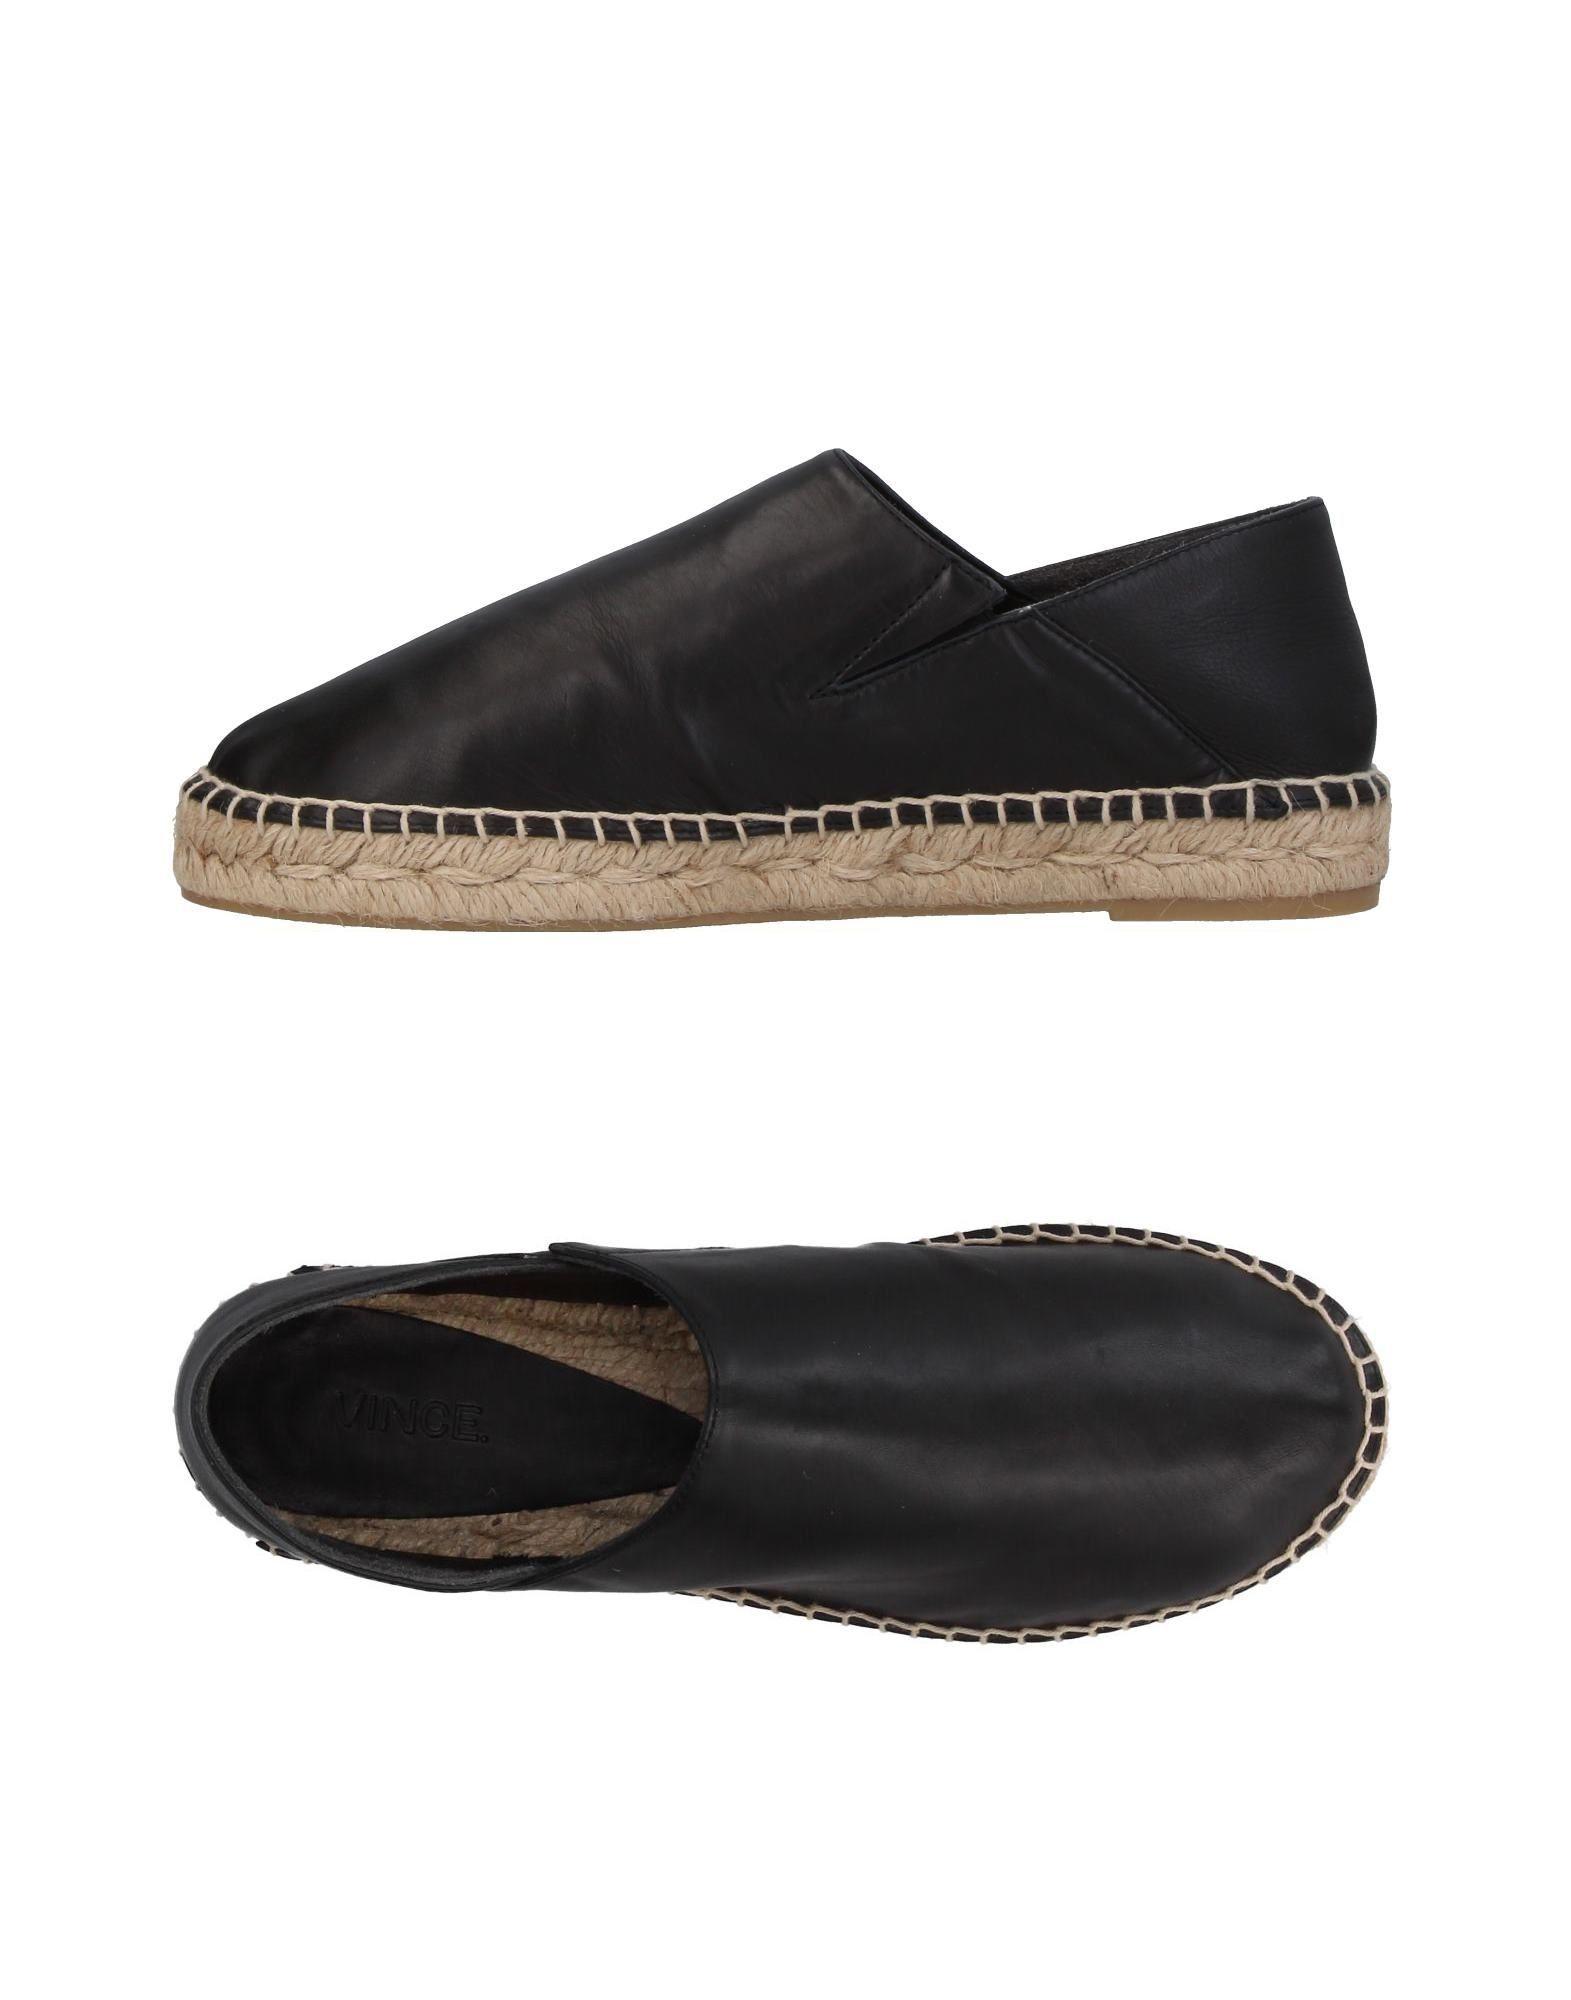 Vince. Espadrilles Damen  11415177AI Gute Qualität beliebte Schuhe